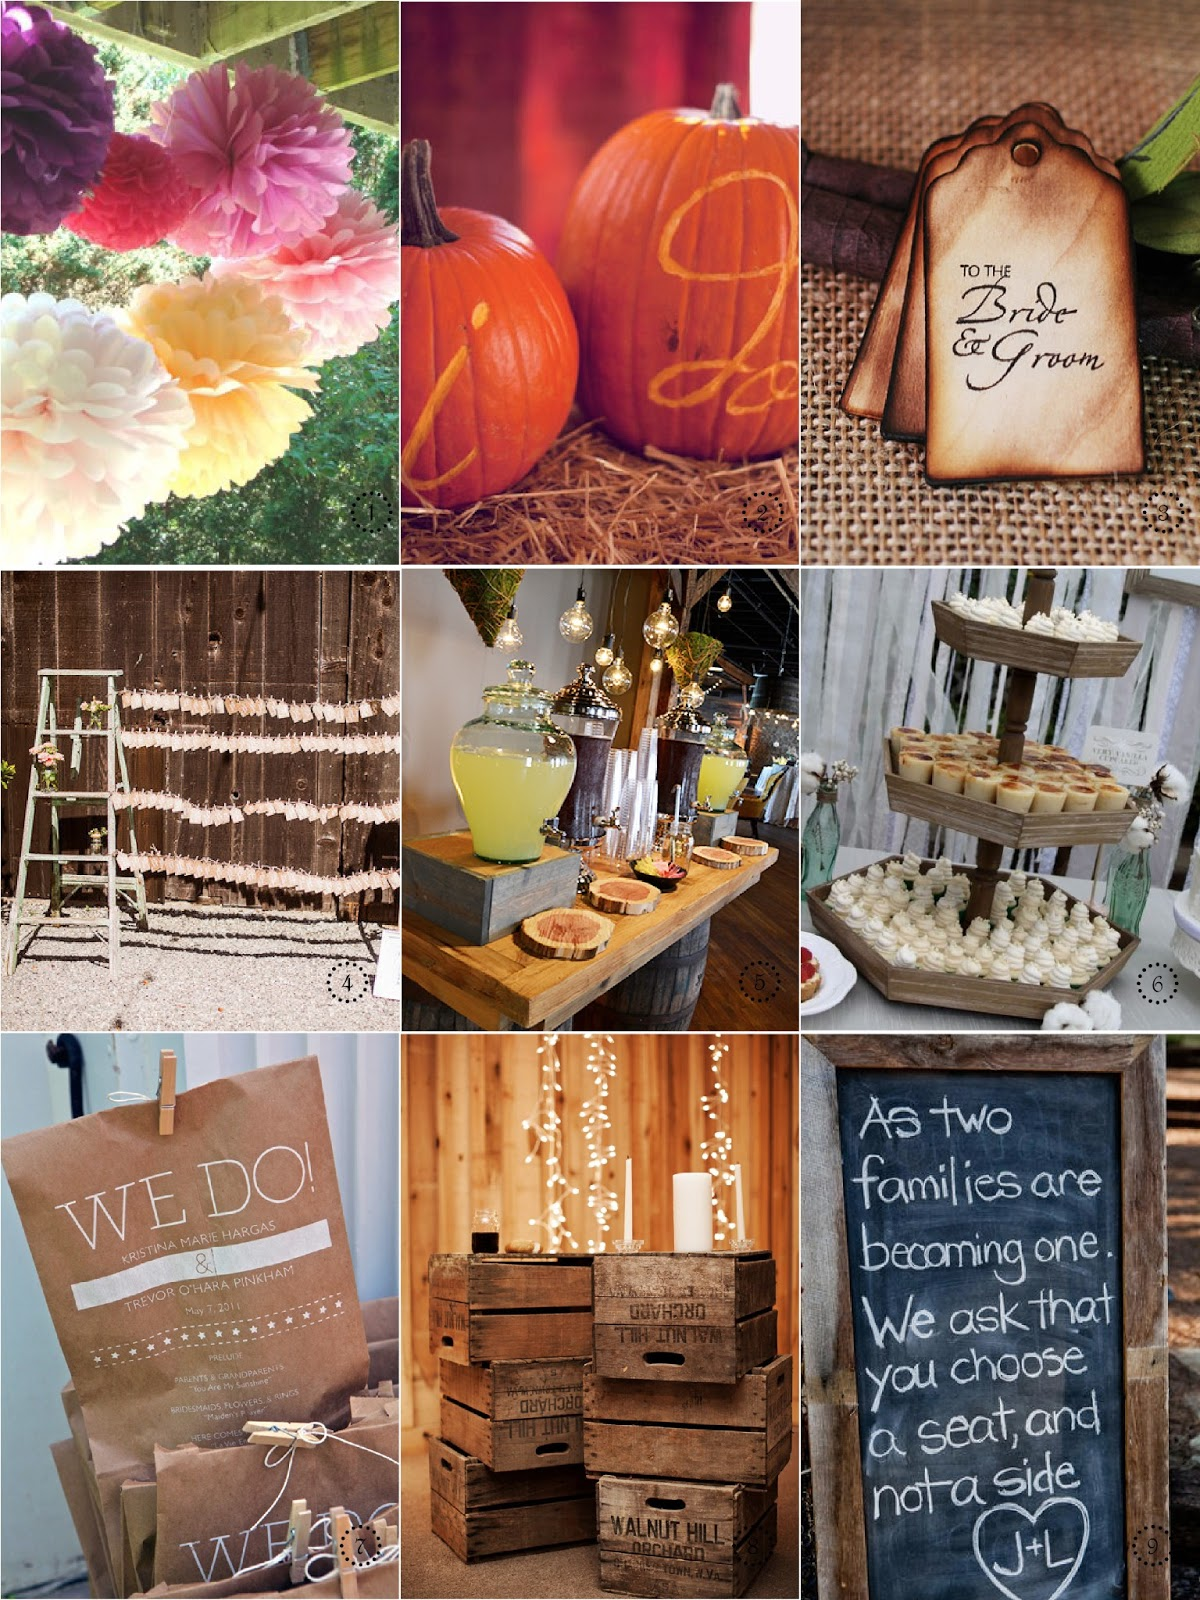 baci designer handpicked rustic wedding decorations. Black Bedroom Furniture Sets. Home Design Ideas